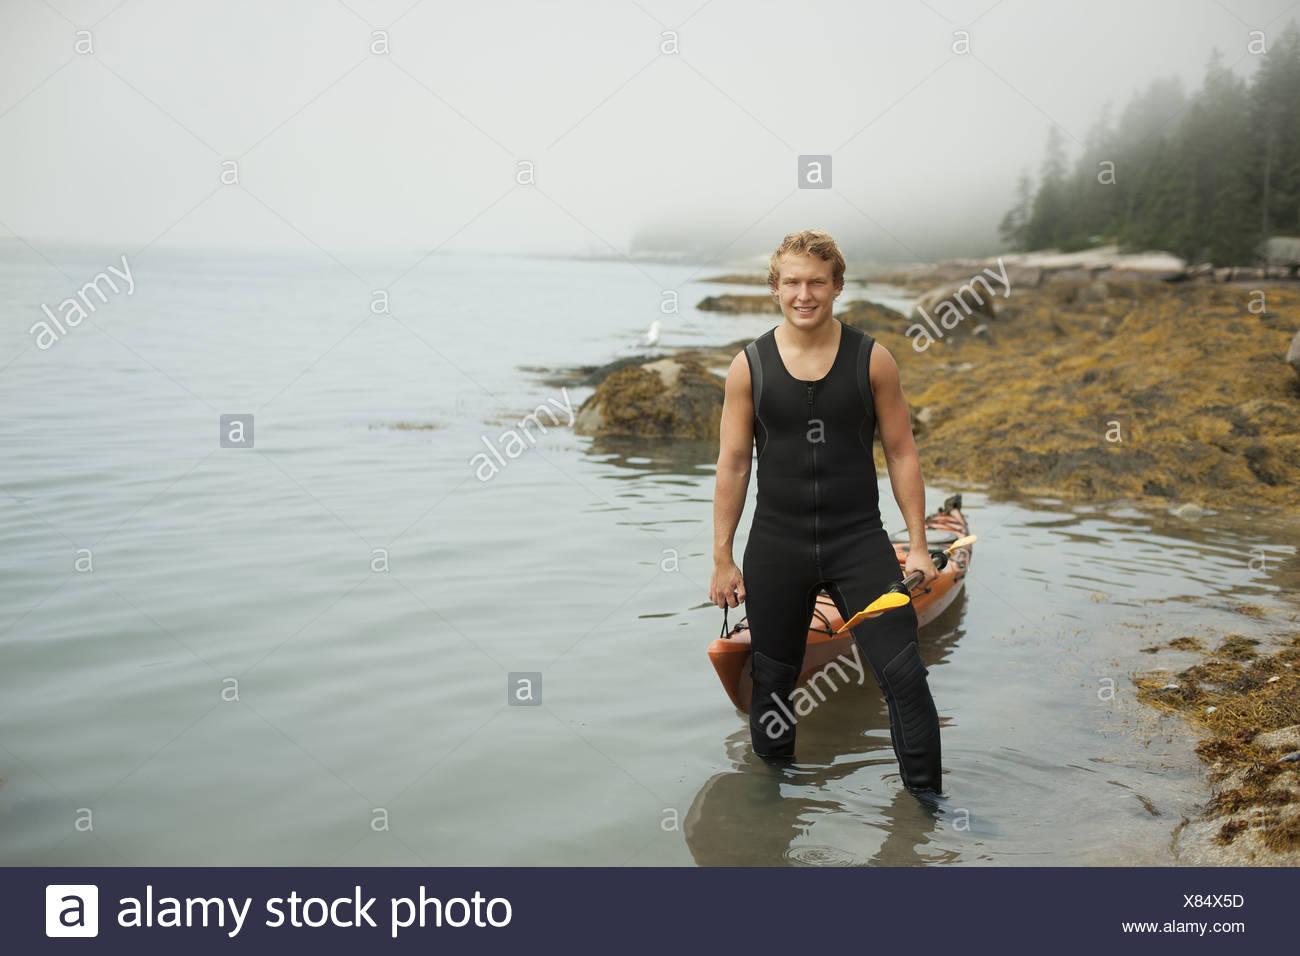 Lo stato di New York STATI UNITI D'AMERICA uomo muta kayak sul litorale di misty meteo Immagini Stock